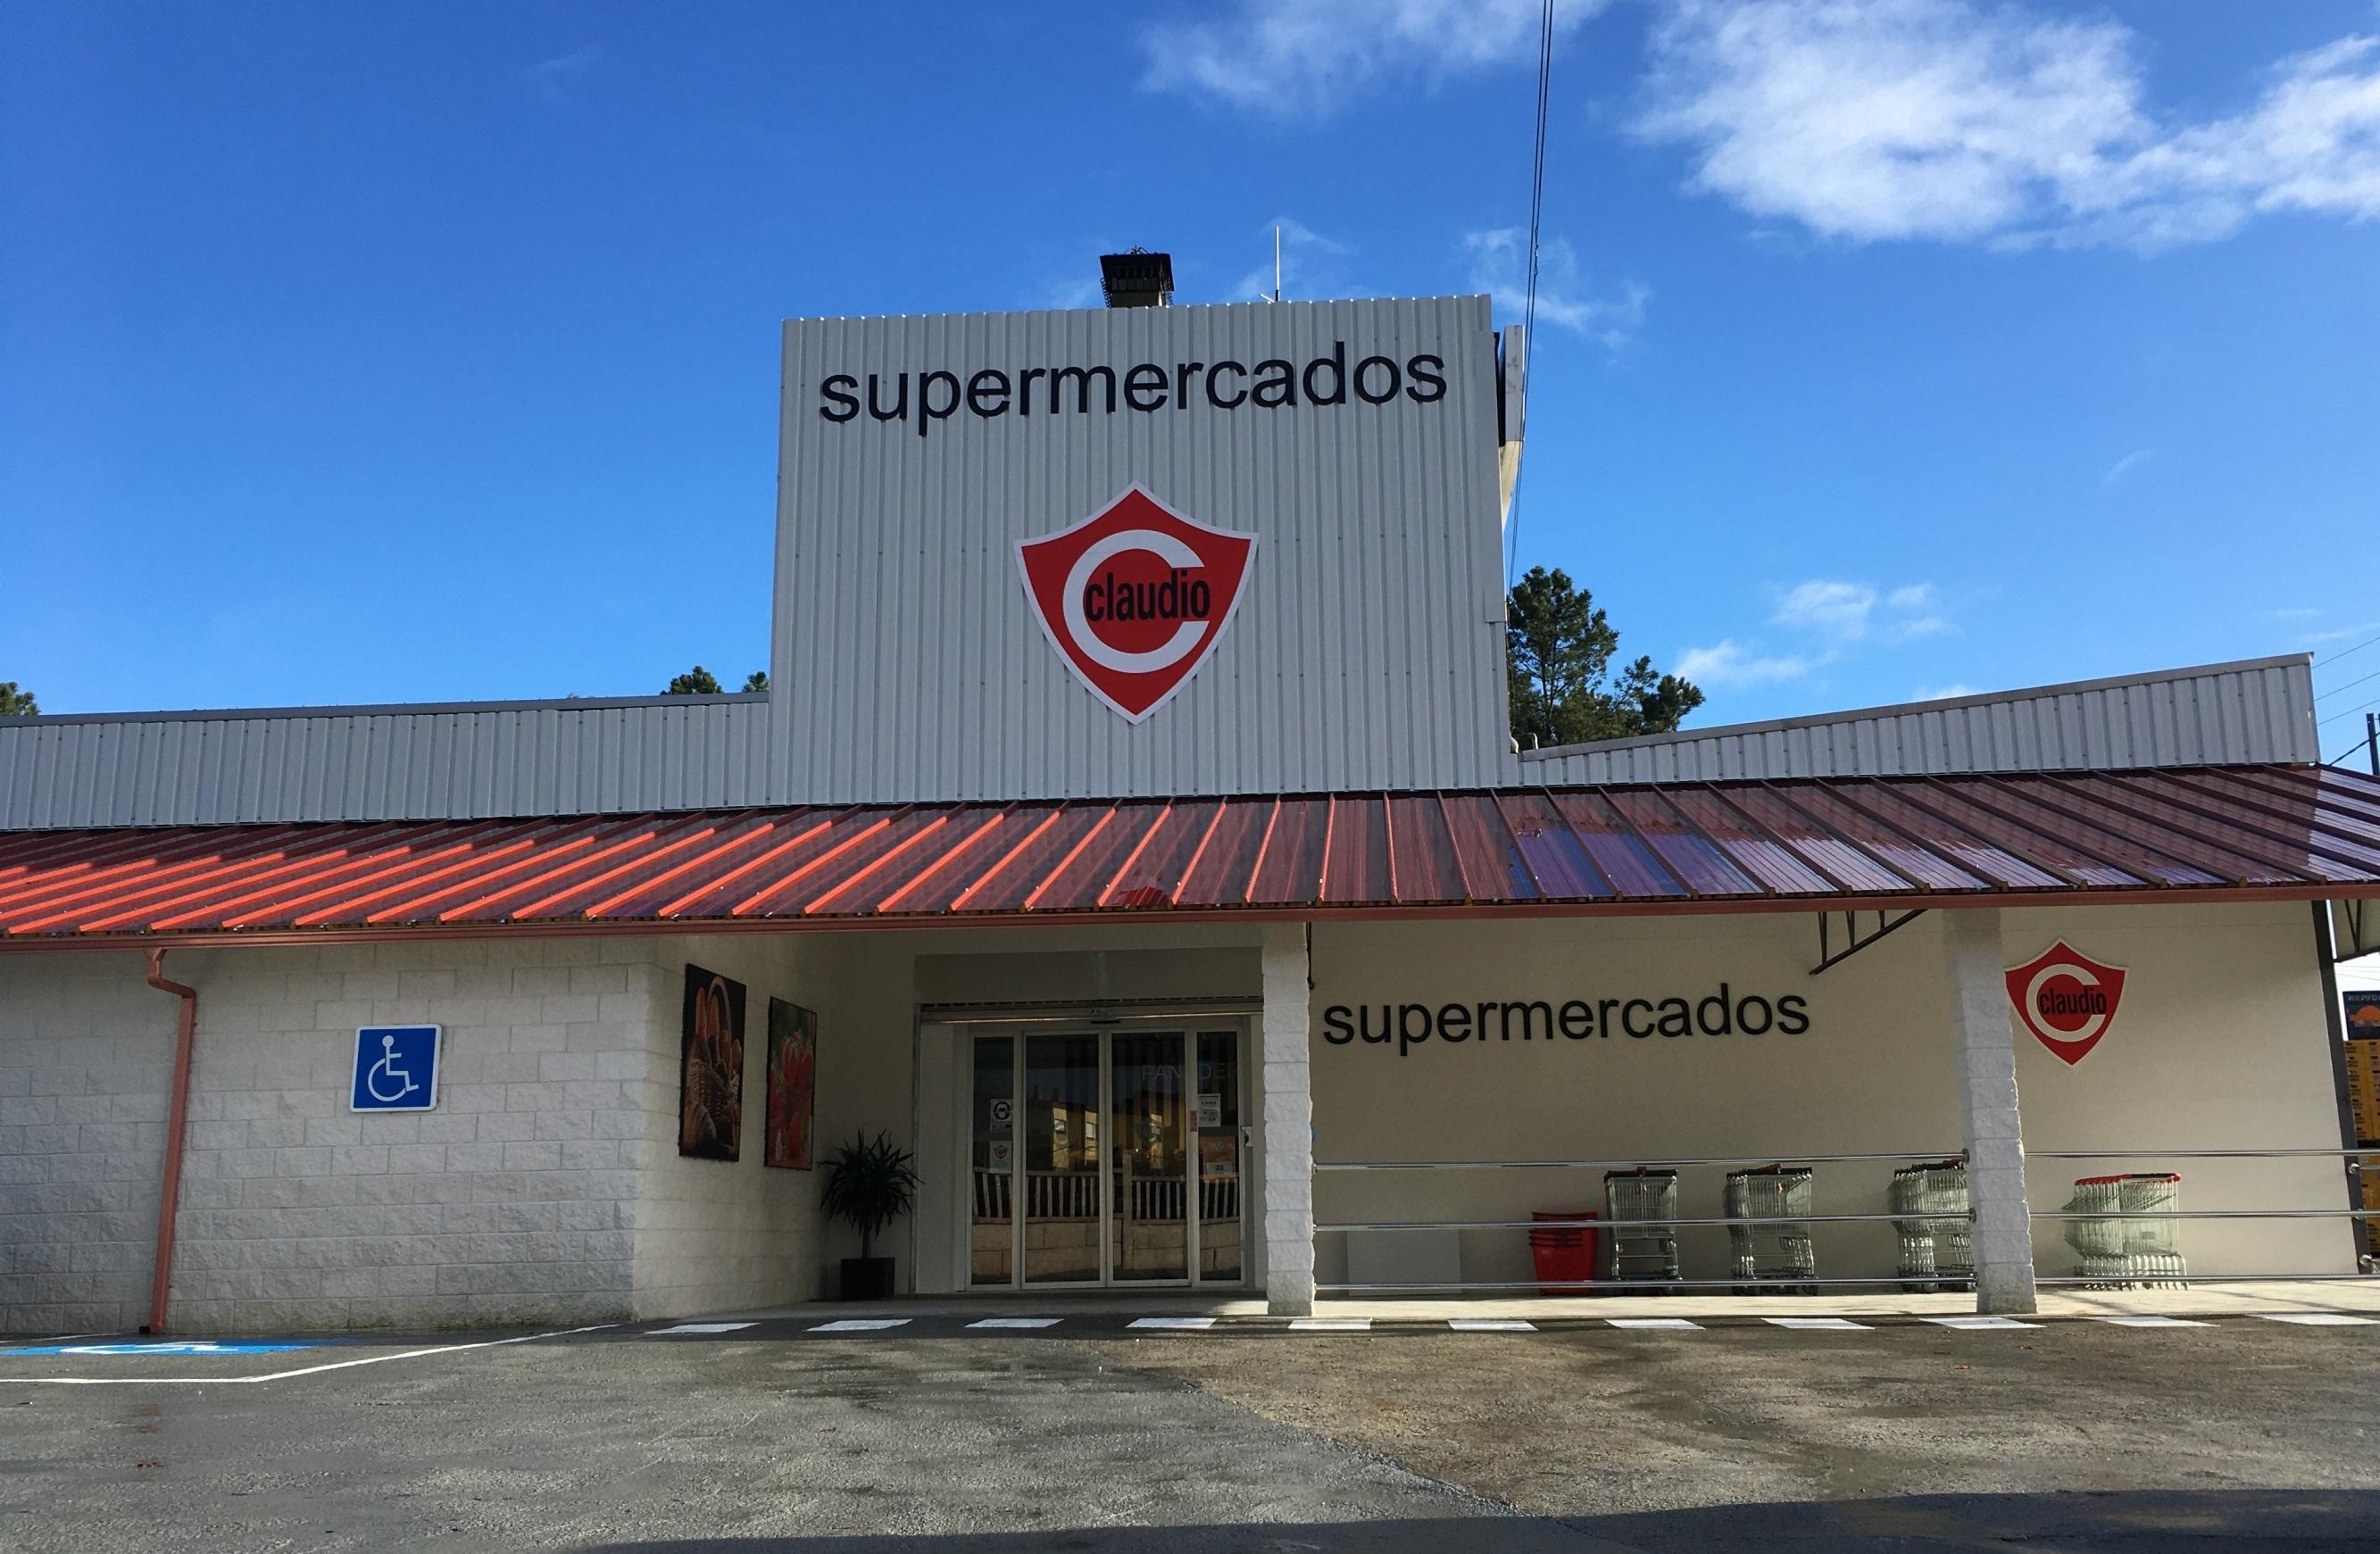 O CARBALLIÑO CUENTA CON UN NUEVO SUPERMERCADO CLAUDIO FRANQUICIADO